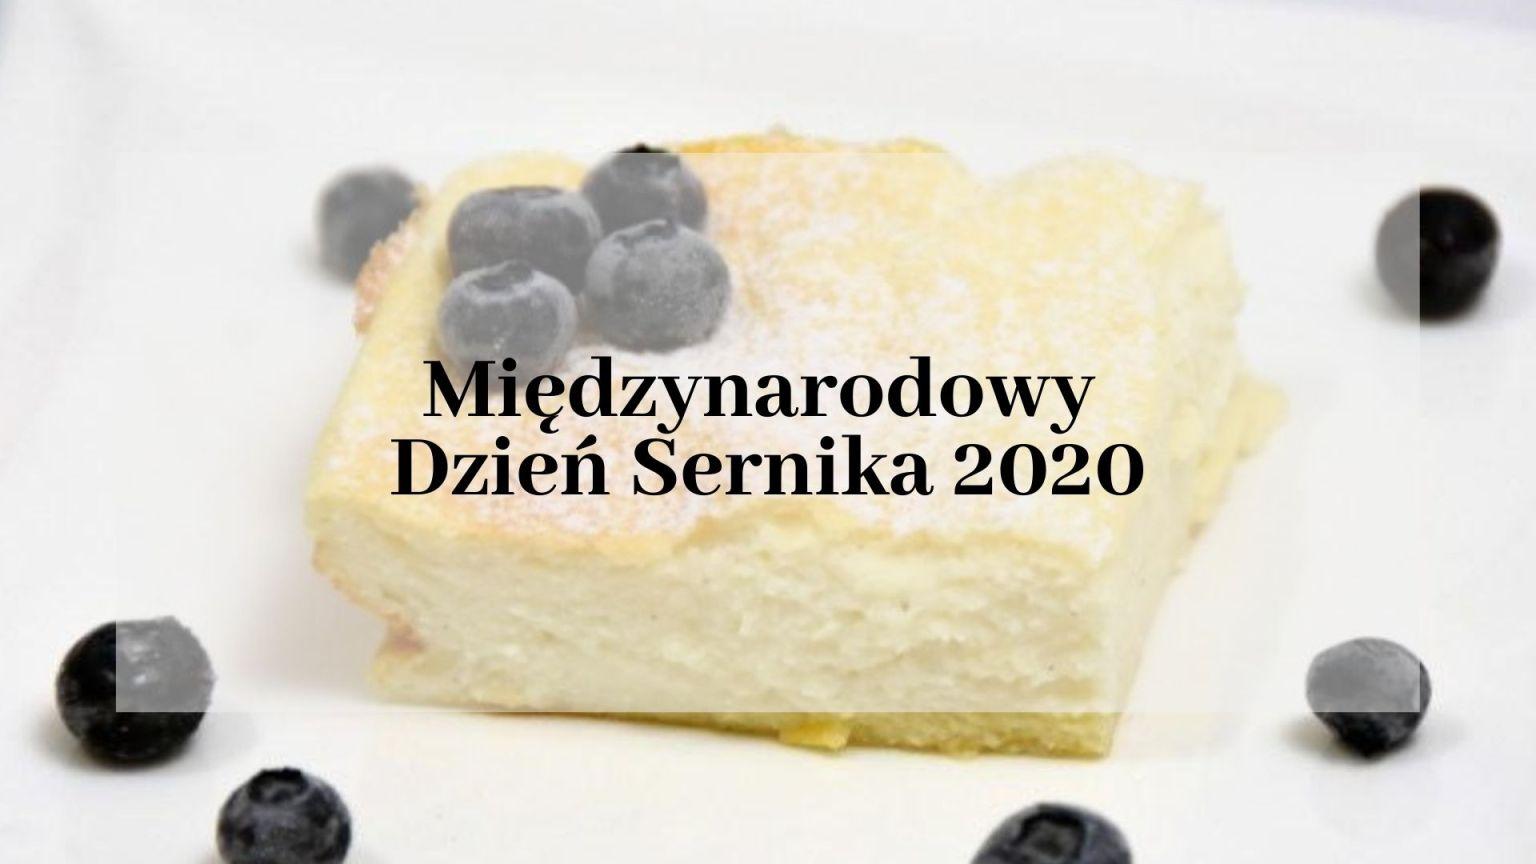 Międzynarodowy Dzień Sernika 2020